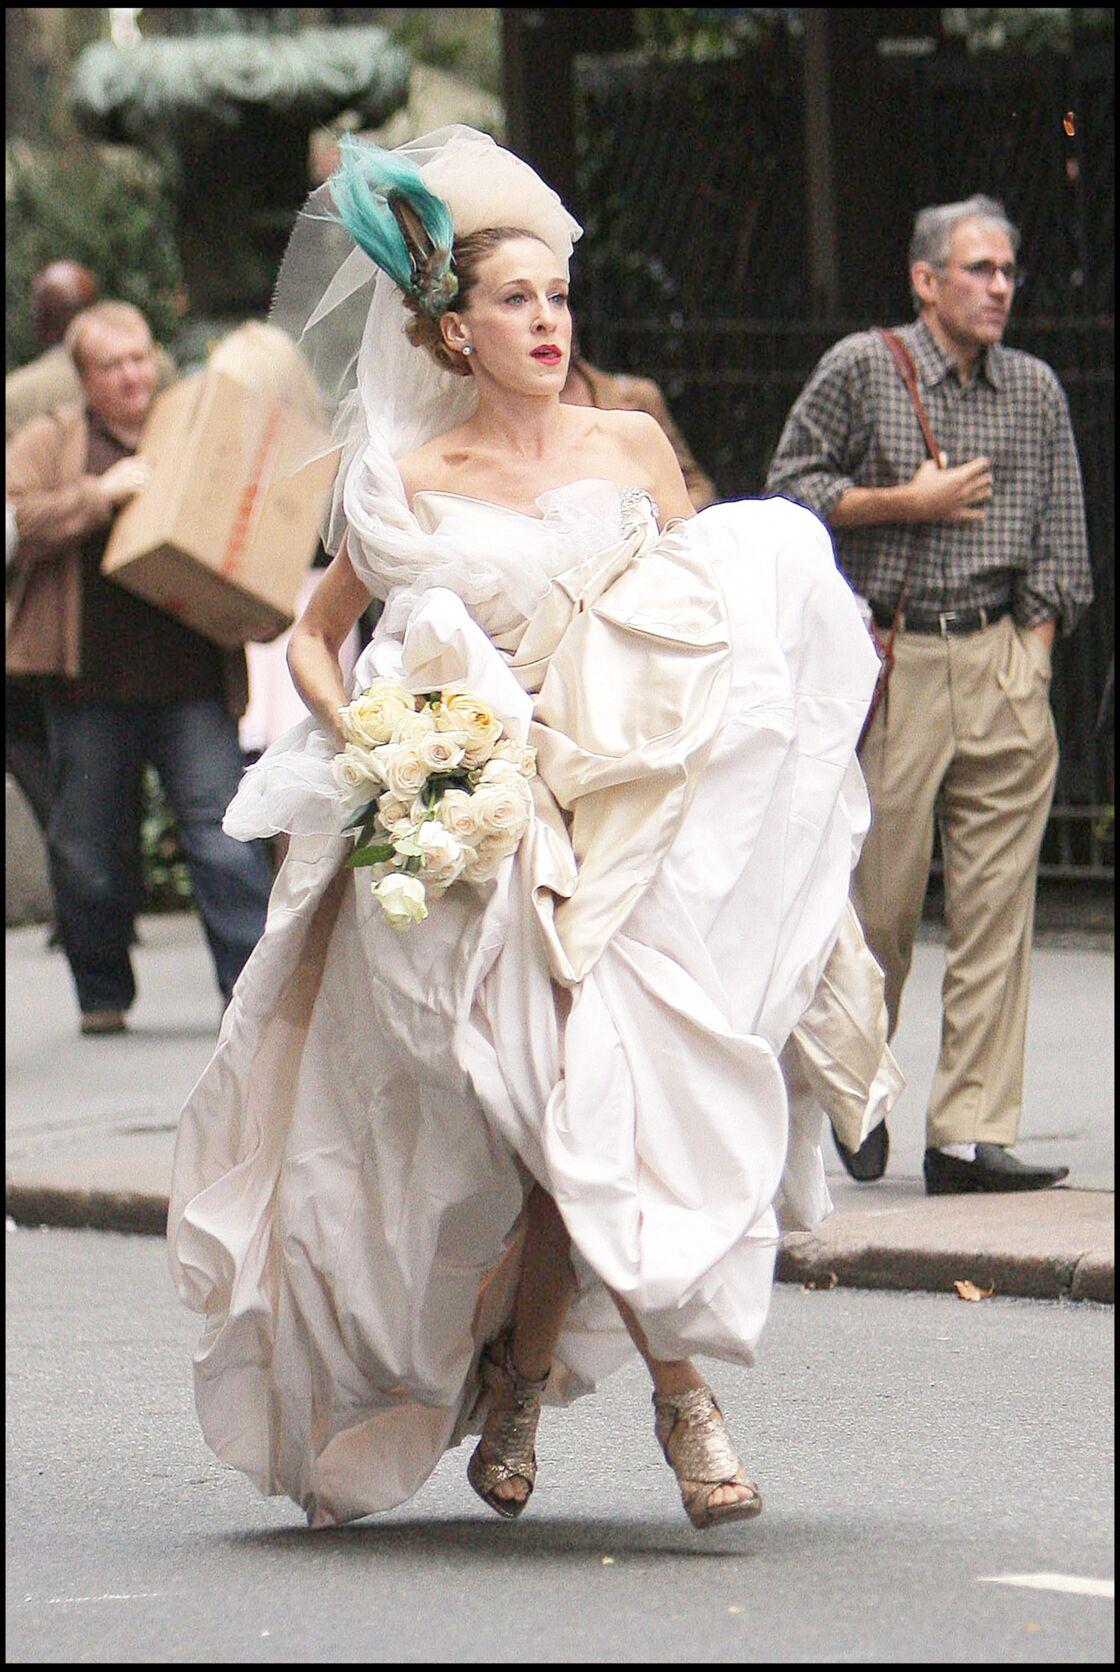 Carrie Bradshaw s'apprête à dire oui dans une robe de mariée signée Vivienne Westwood